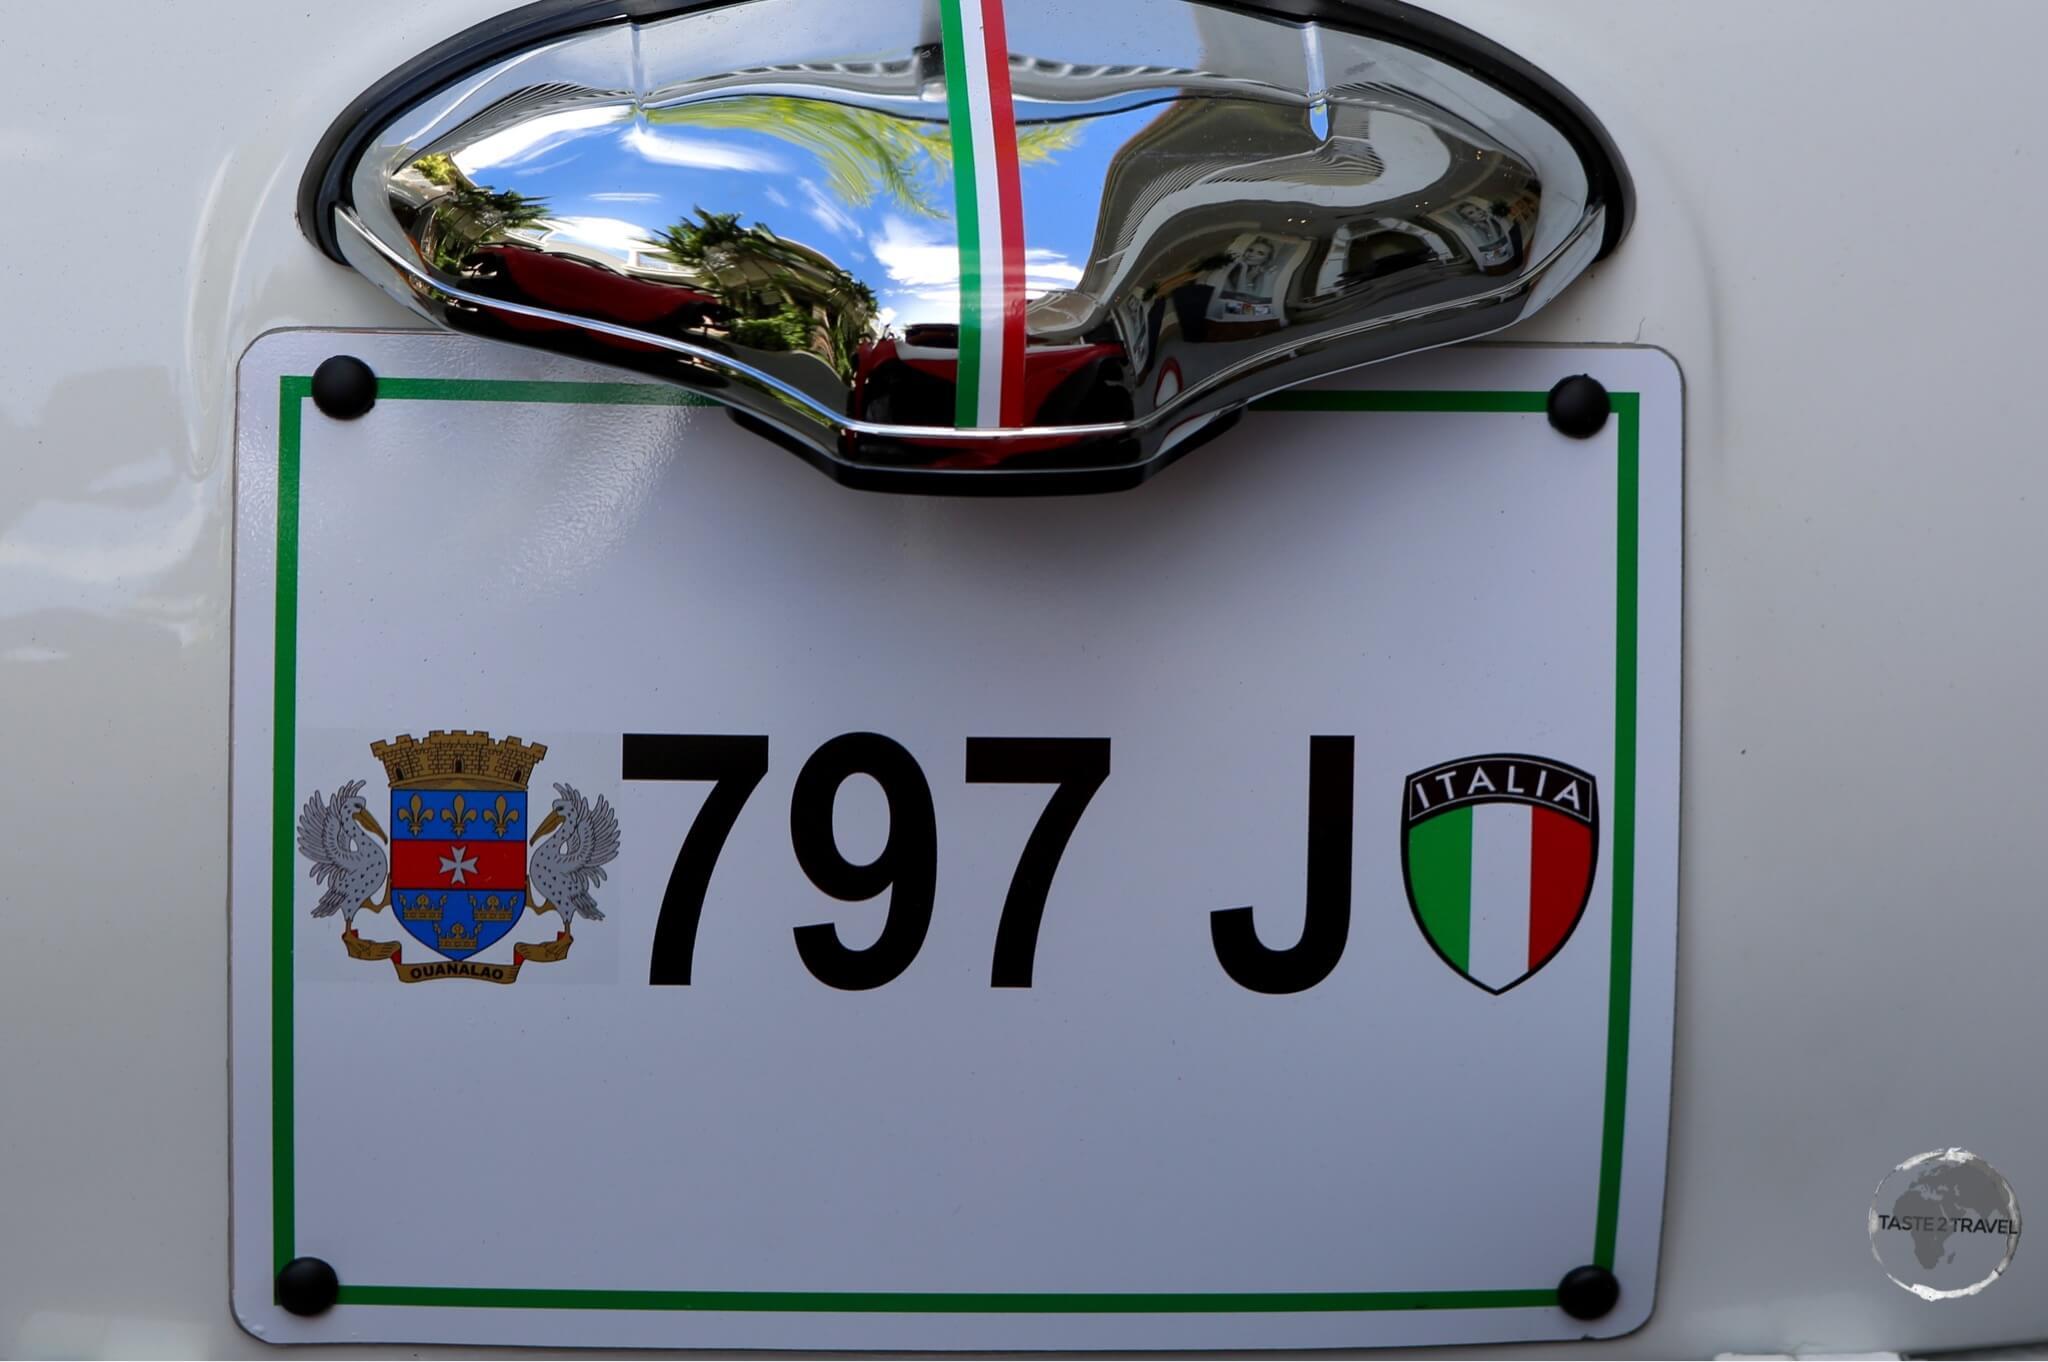 A classic Fiat in Gustavia.